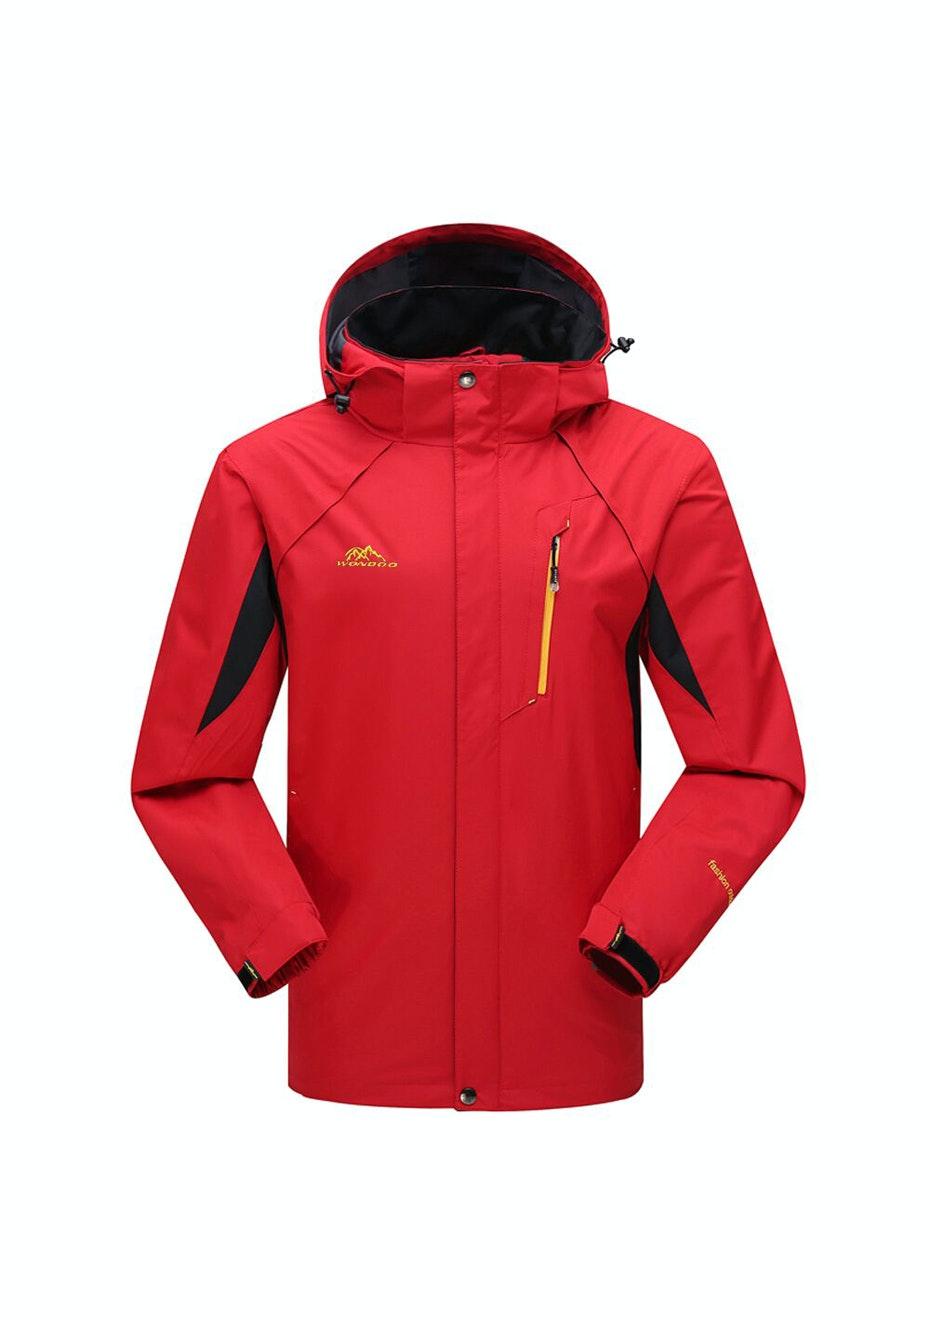 Women 2-in-1 WaterProof Jackets - Red / Black